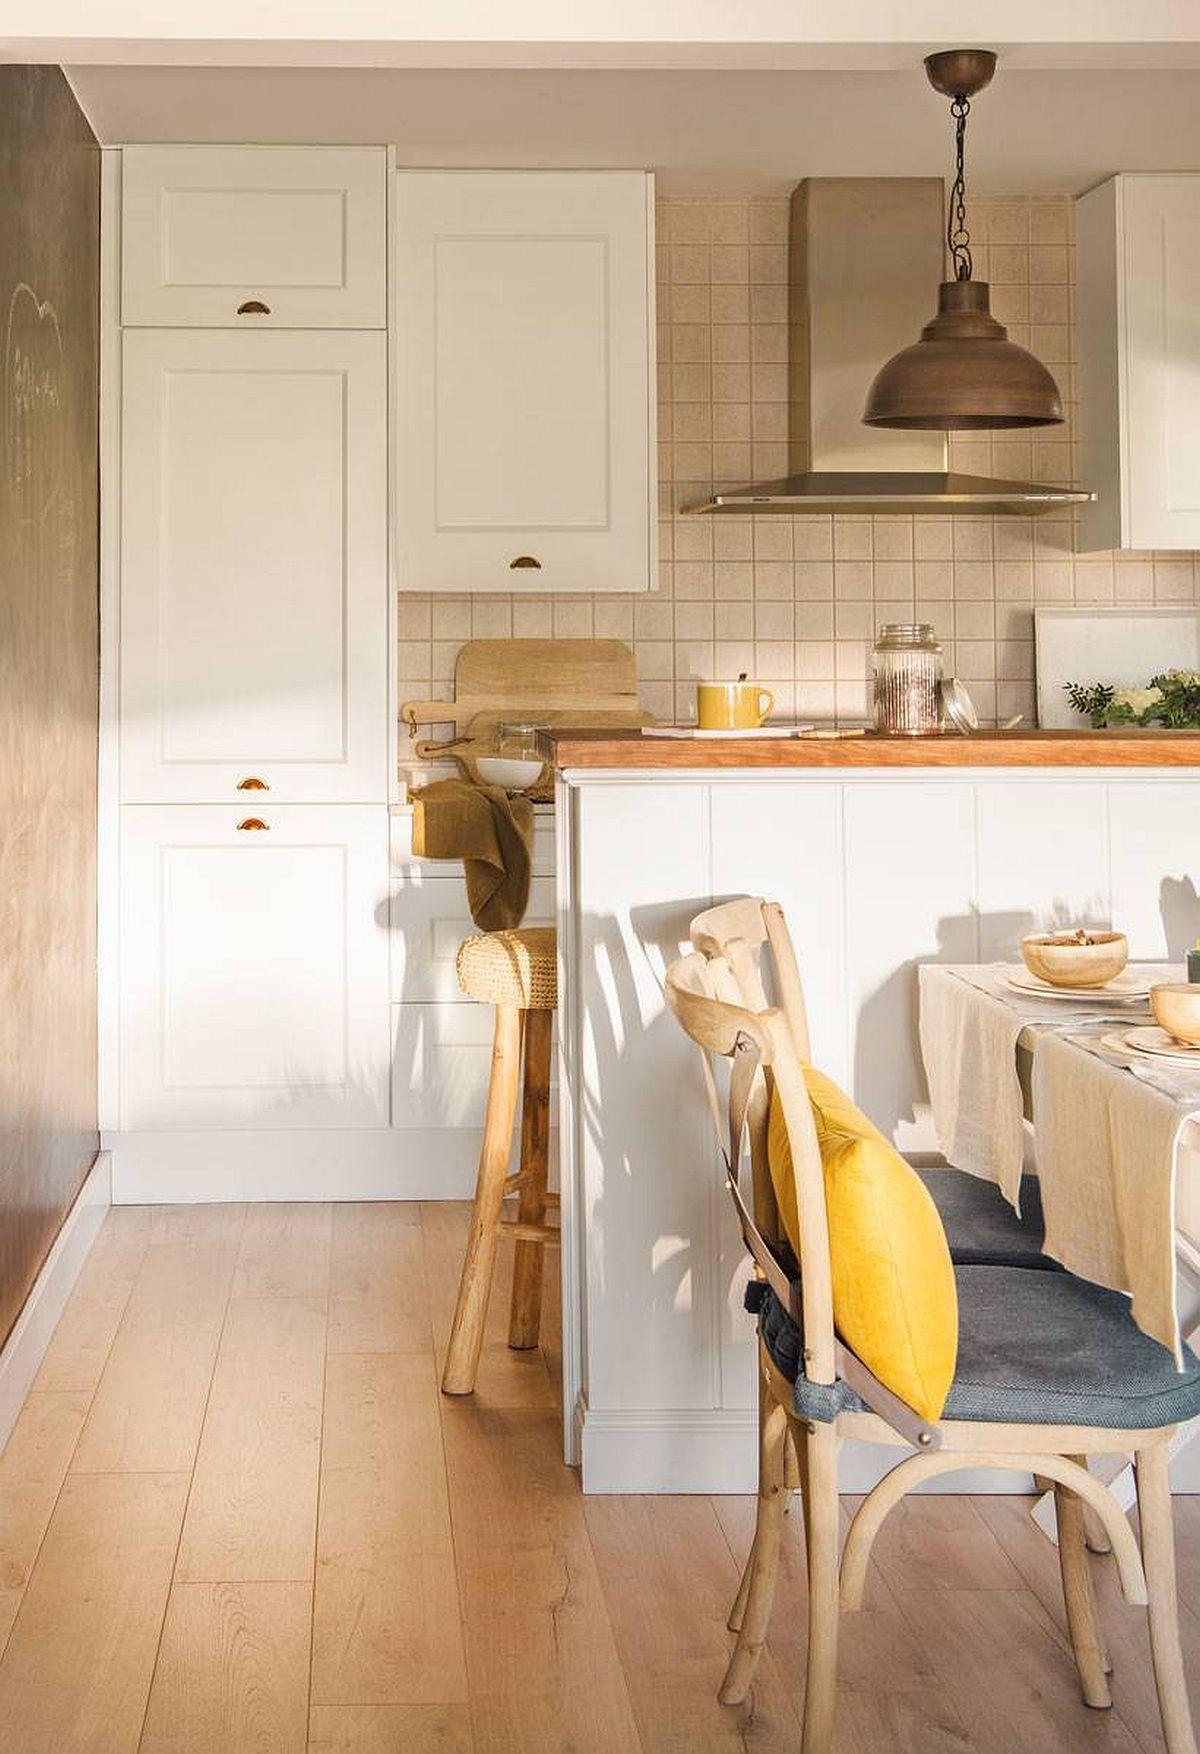 Locul combinei frigorifice este excelent ales în dreptul culoarului de trecere către spațiul de gătit. Asta permite manevrarea ușoară a ușilor combinei încorporate, dar și un acces facil din zona de living, fără a deranja pe cel care gătește n bucătărie.